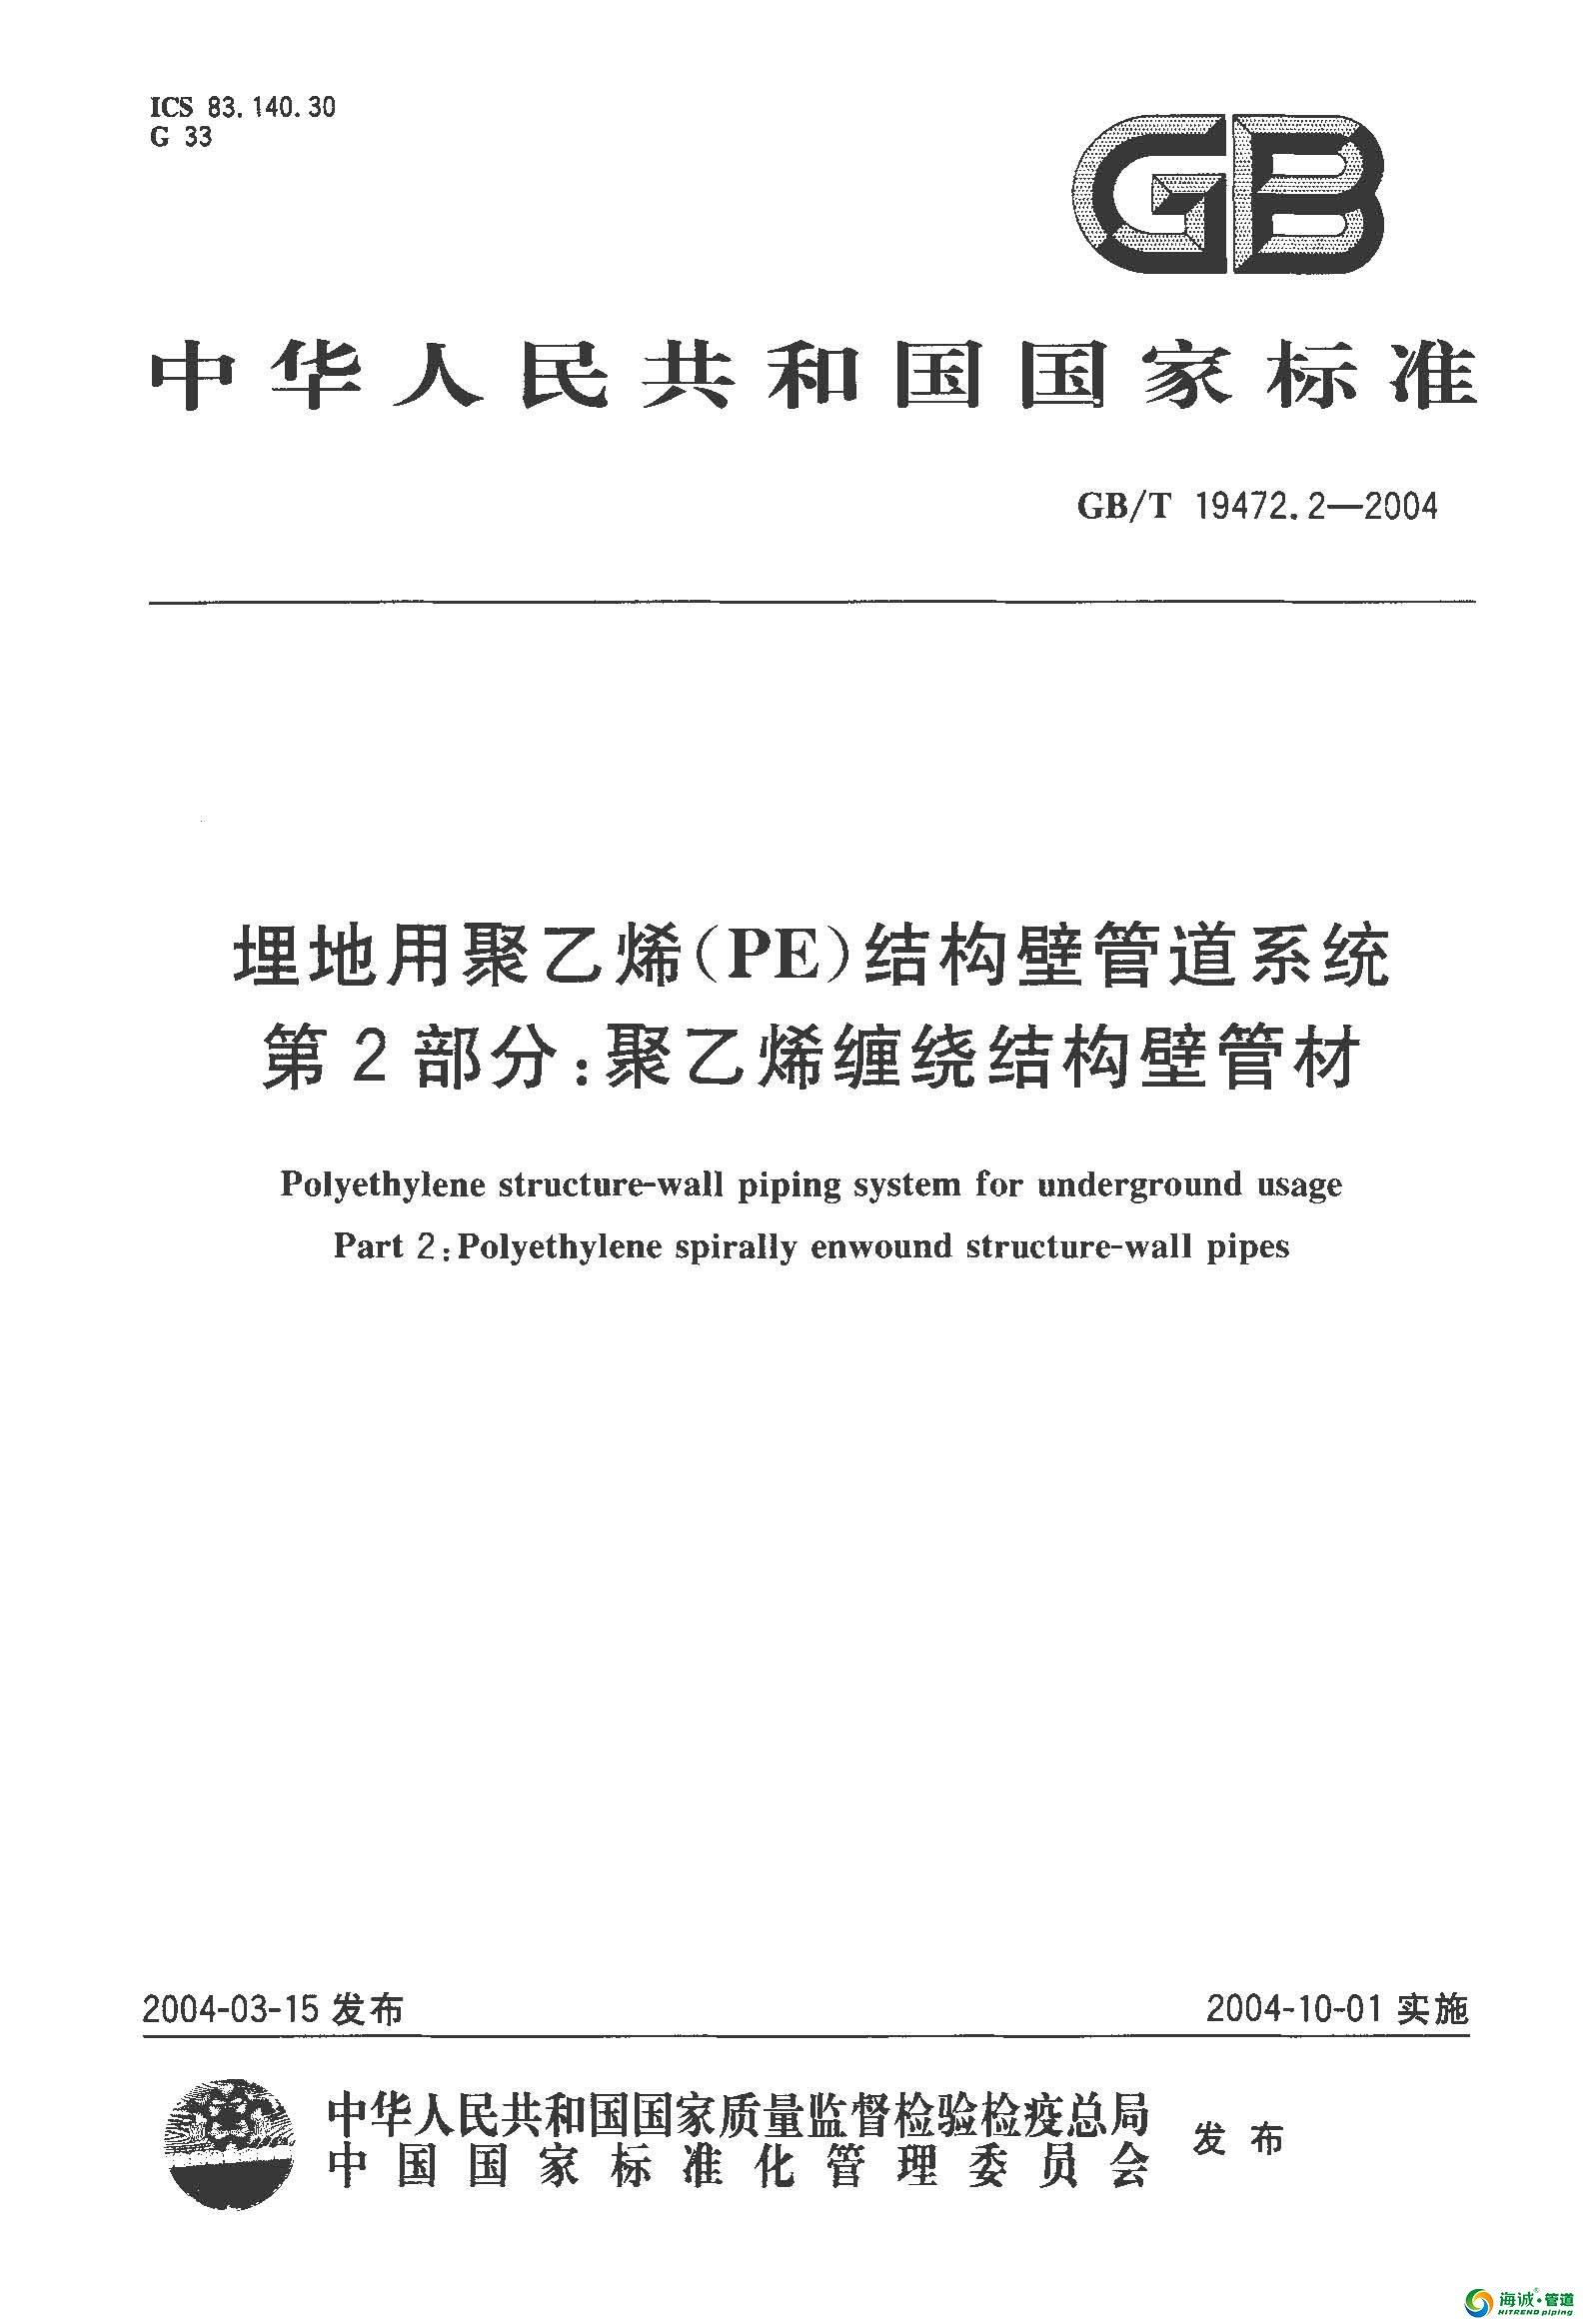 GBT 19472.2-2004 埋地用聚乙烯(PE)结构壁管道系统 第 广东克拉管 广东内肋管 广东钢丝网骨架管